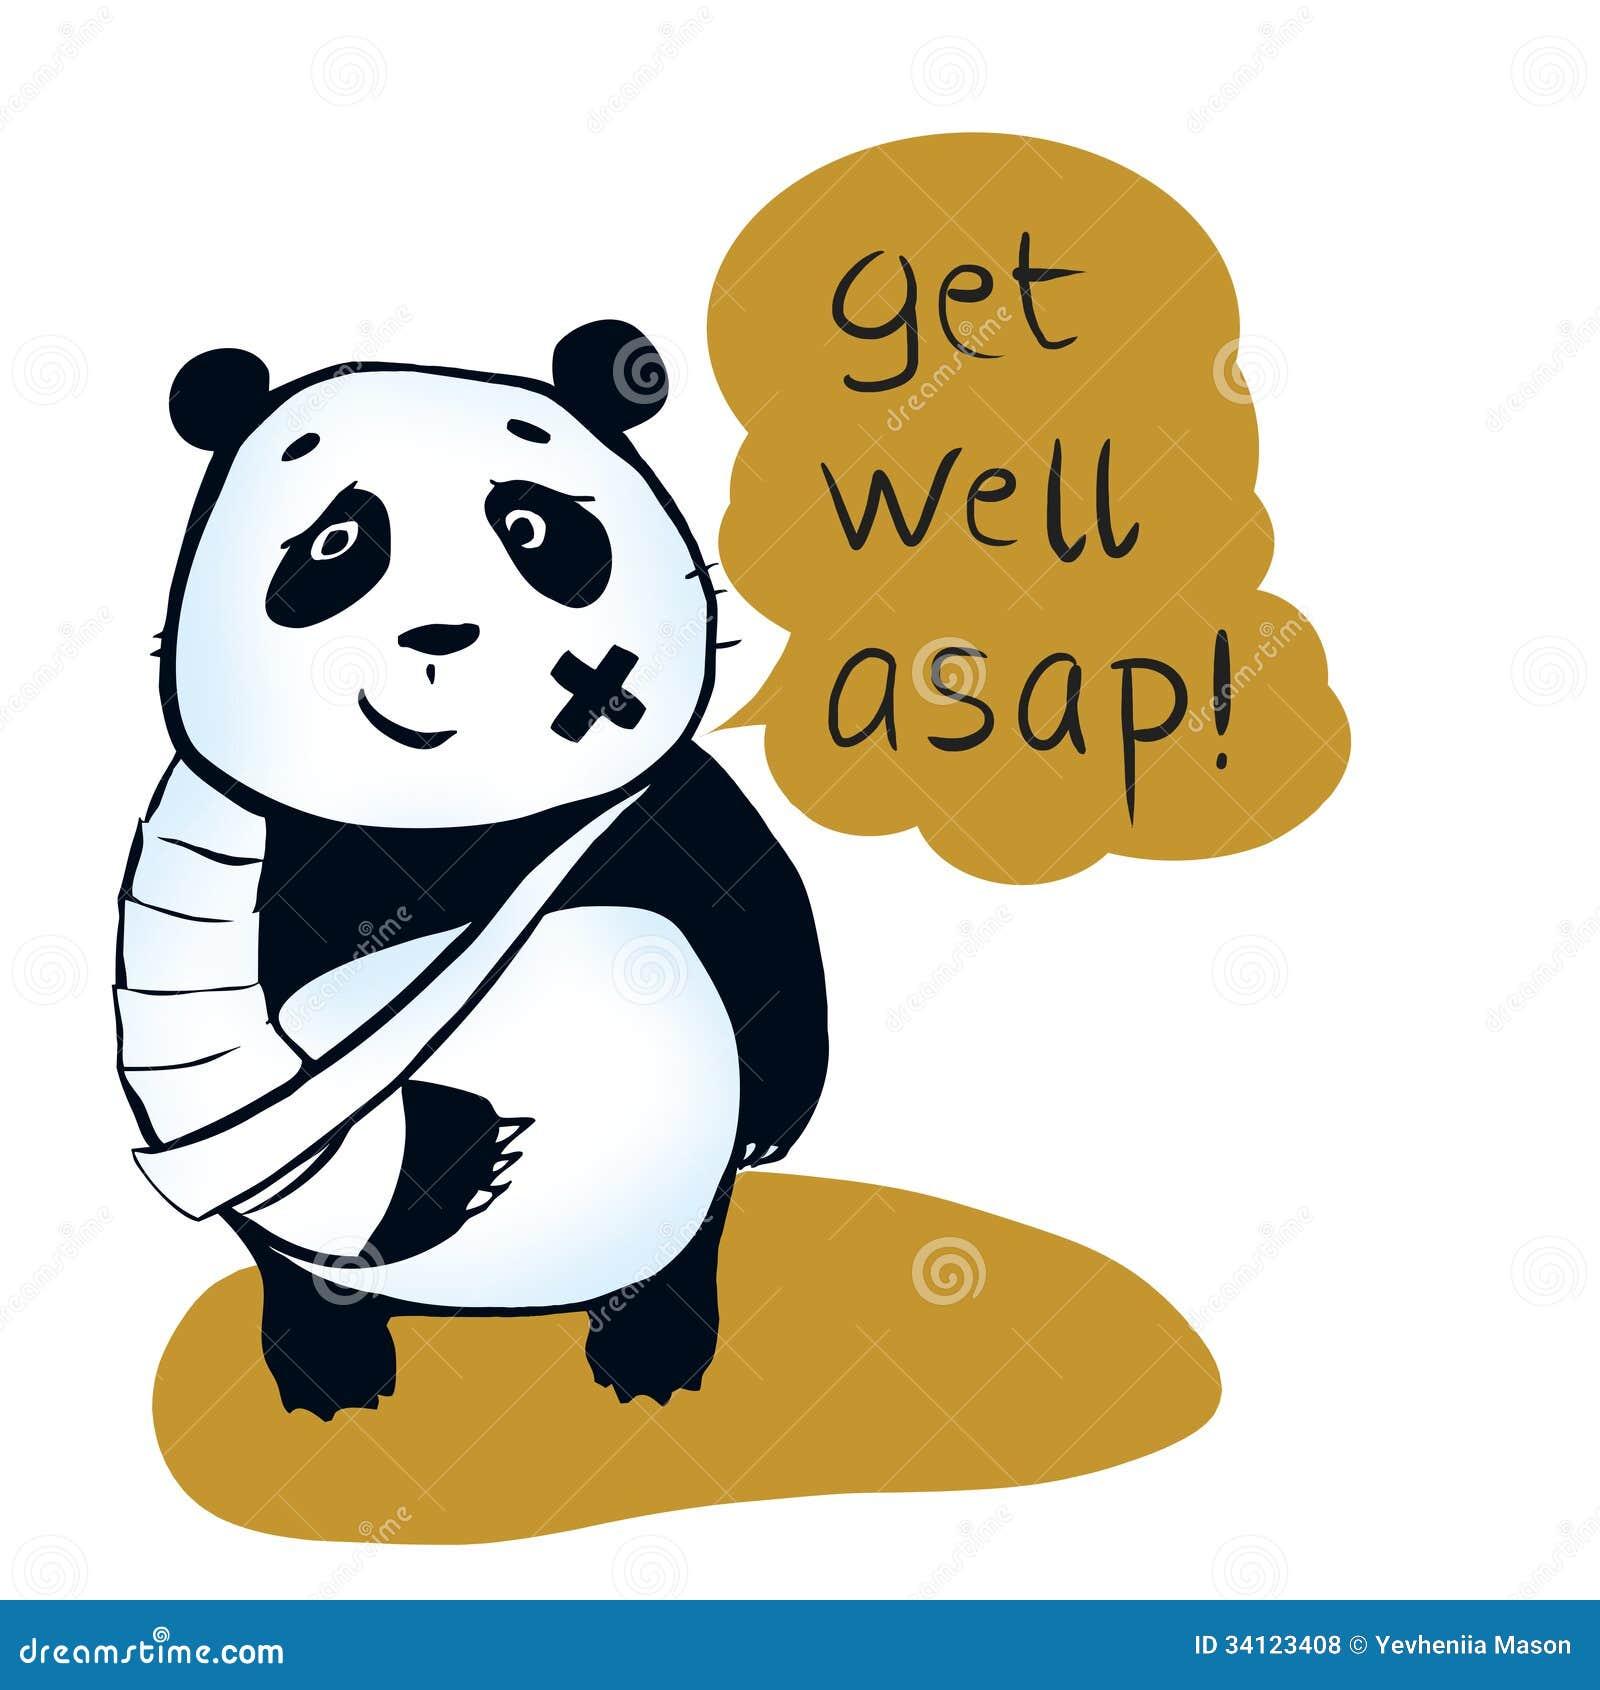 If you are sick, may panda bear encourage you Get well asap! Panda ...